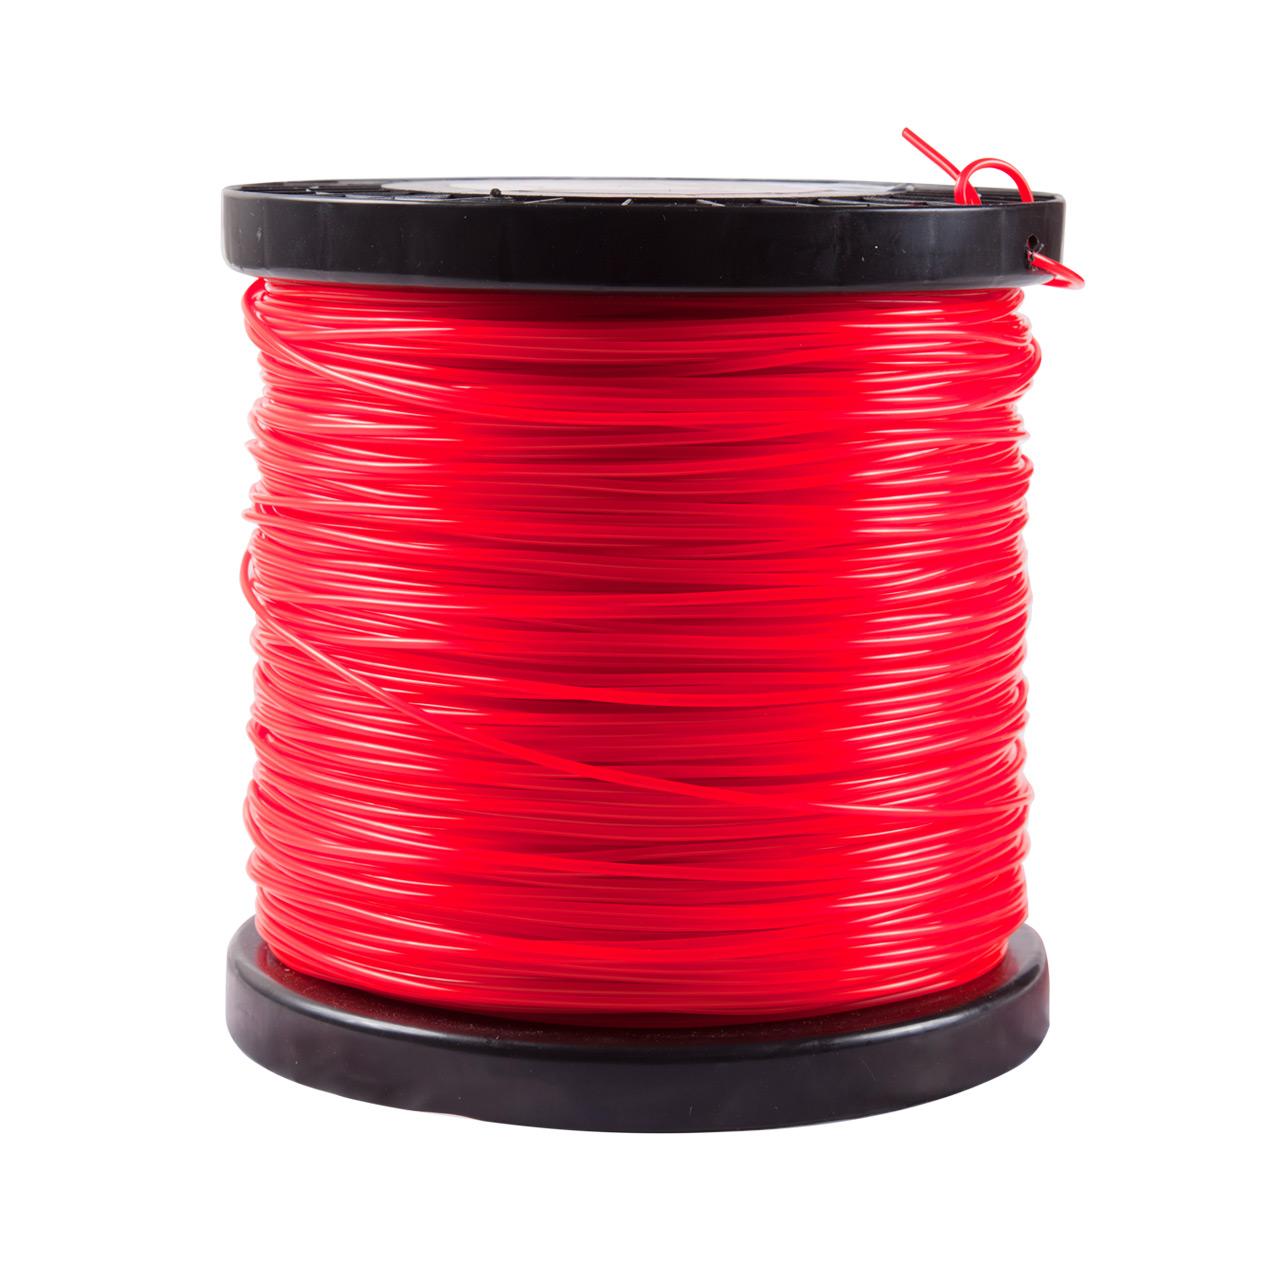 Filo per decespugliatori bobina Red Lines Nicart